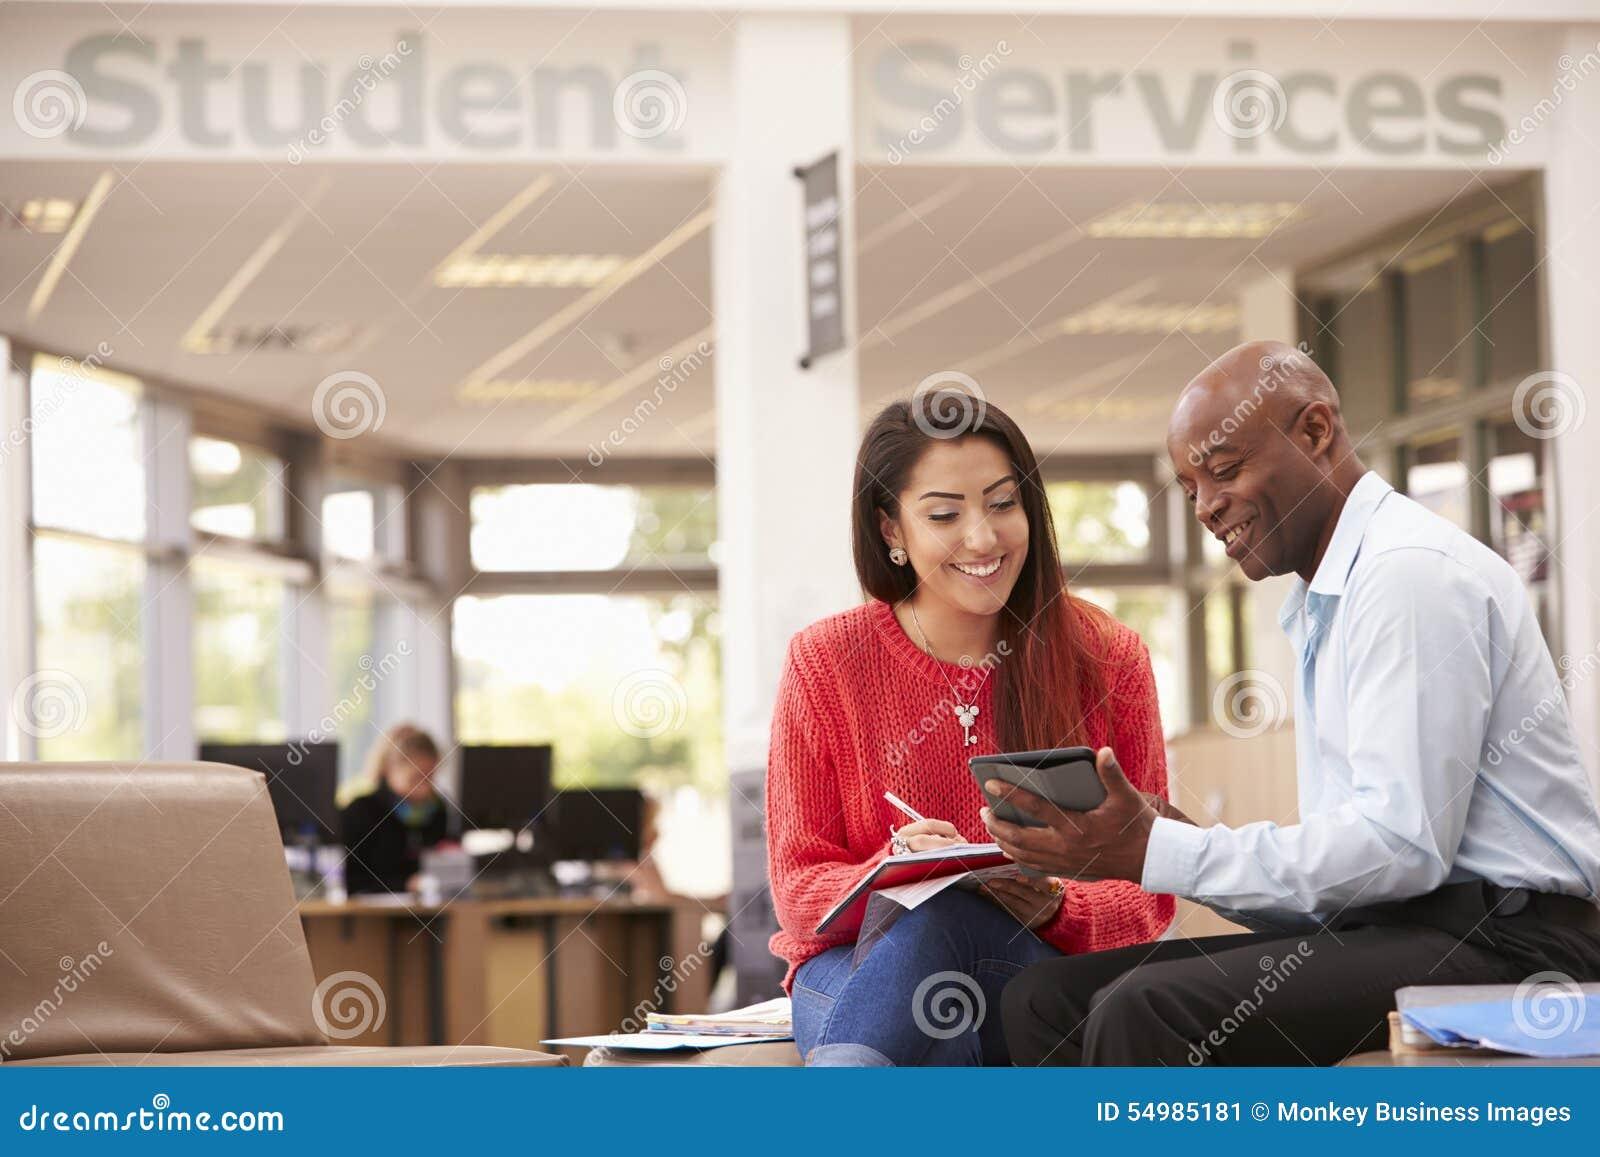 Tuteur To Discuss Work de Having Meeting With d étudiant universitaire